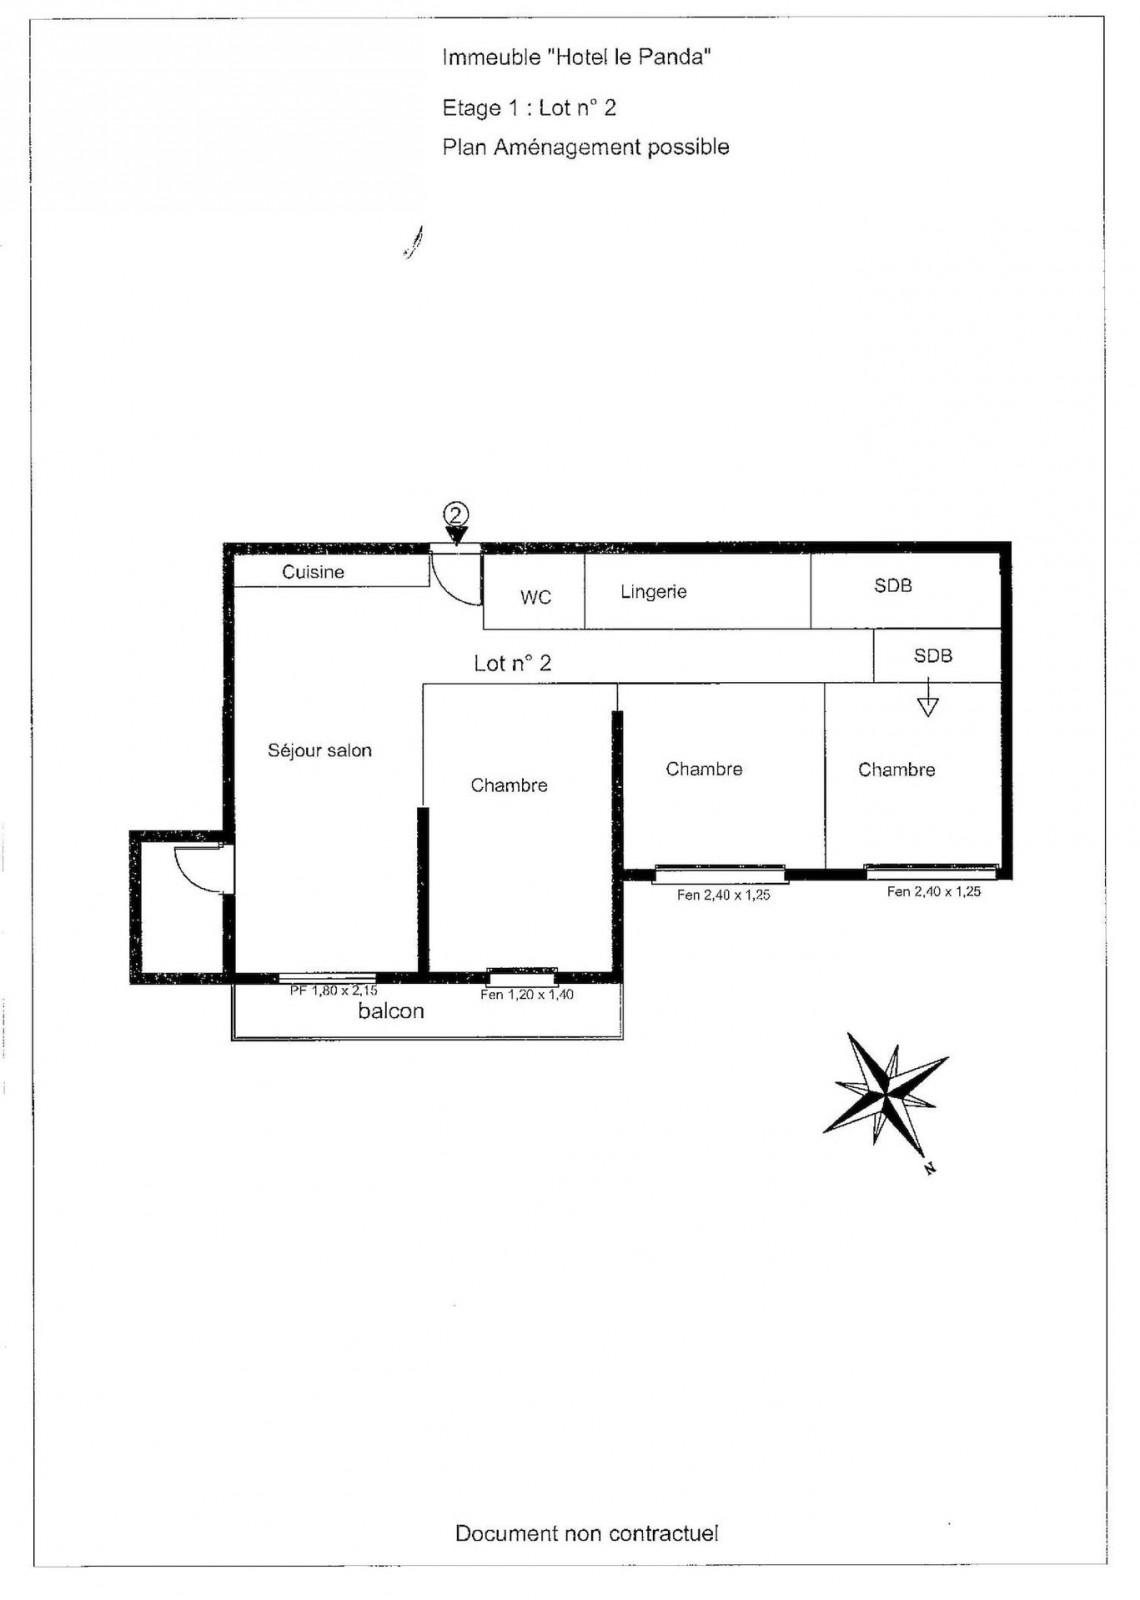 La Panda 2 Floor Plan